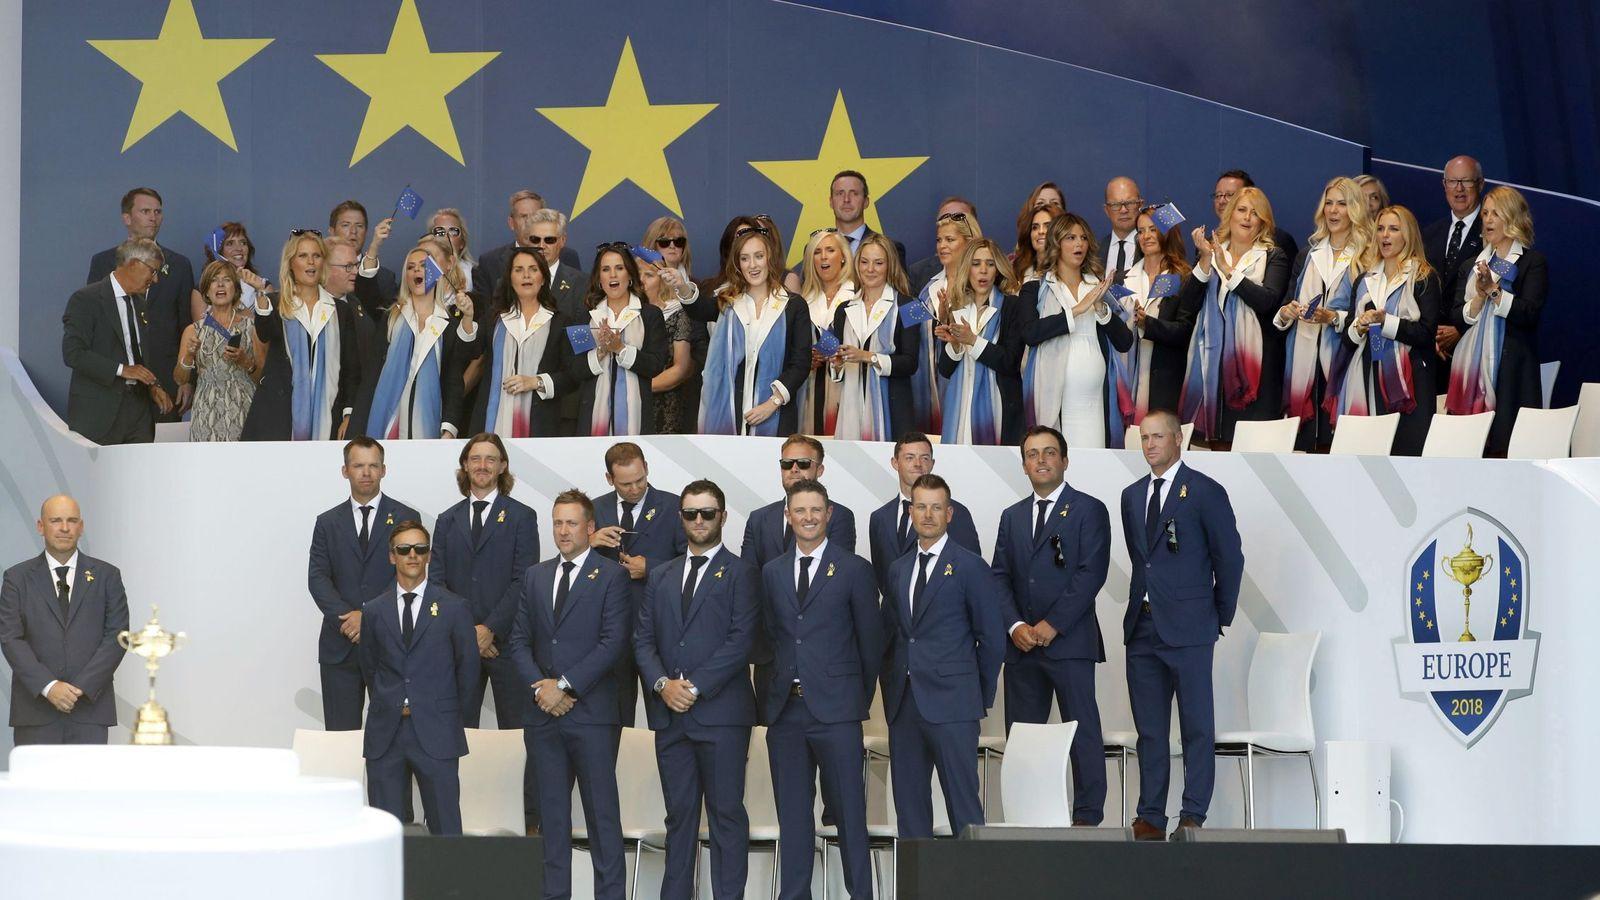 Foto: El equipo europeo, en la presentación de la Ryder. (EFE)